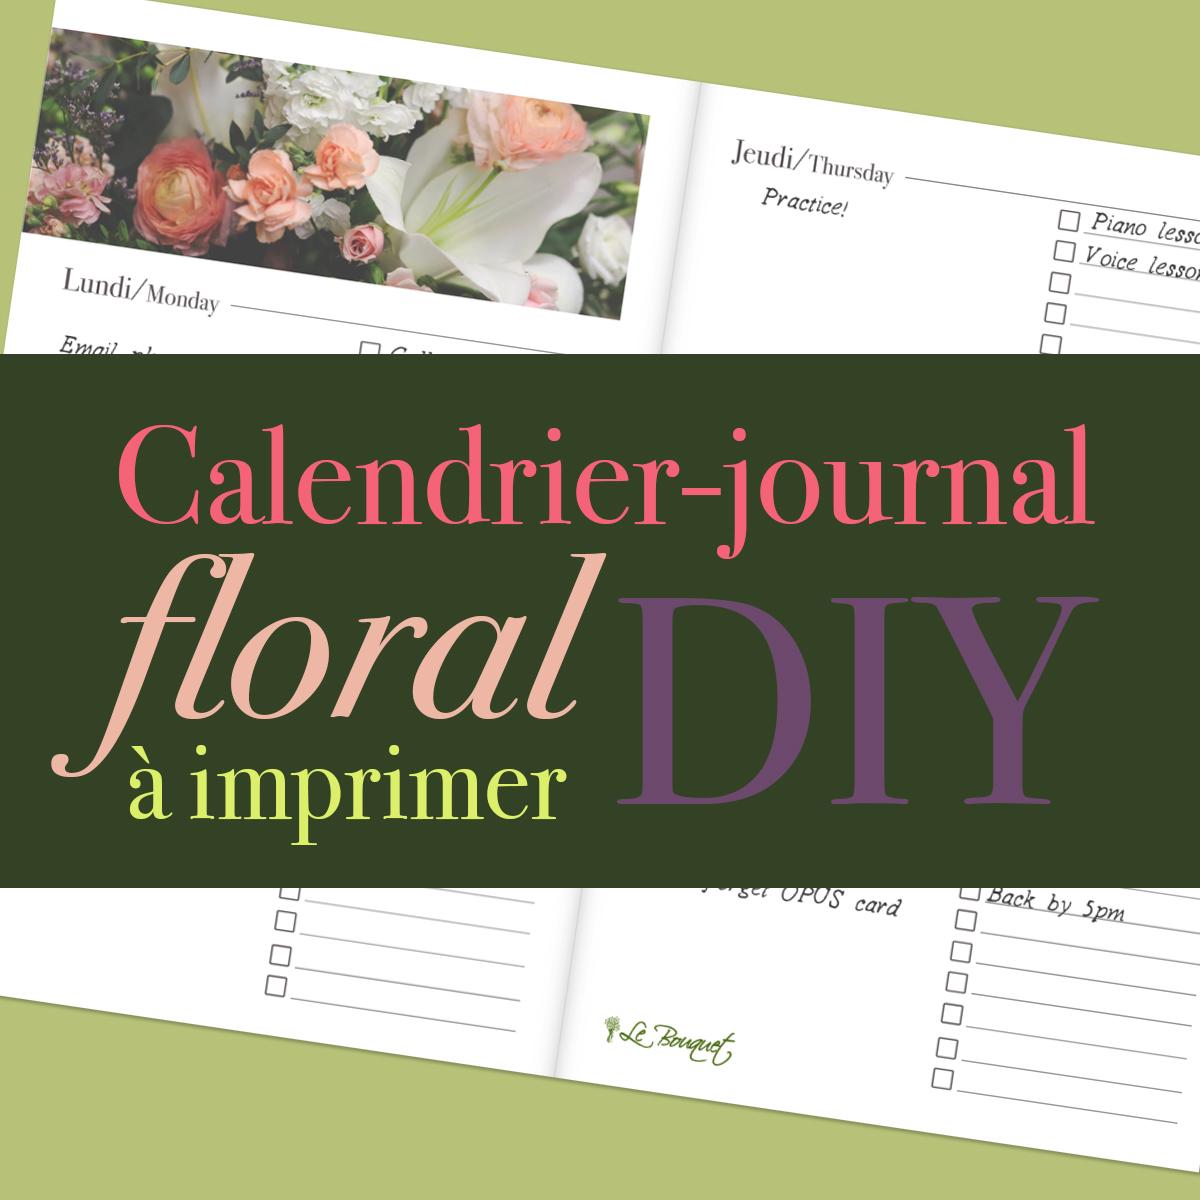 Calendrier-journal floral à imprimer - gratuit par Le Bouquet